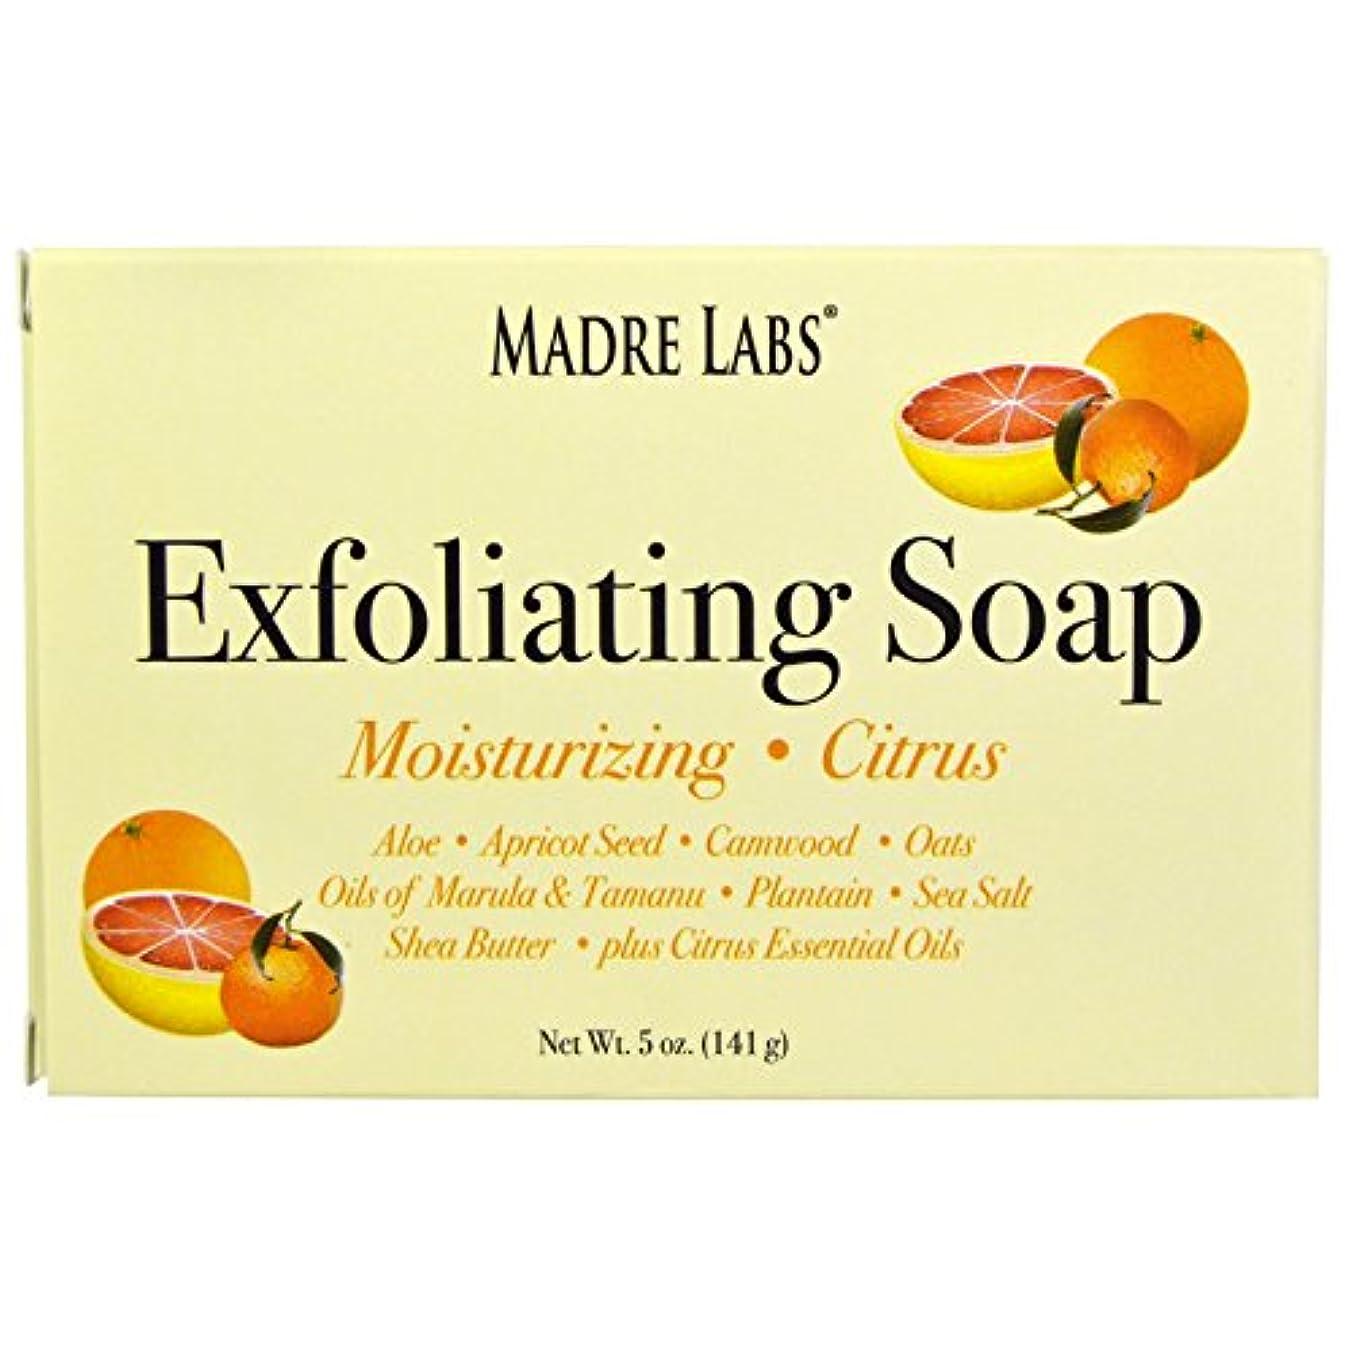 うぬぼれドラム毛布マドレラブ シアバター入り石鹸 柑橘フレーバー Madre Labs Exfoliating Soap Bar with Marula & Tamanu Oils plus Shea Butter